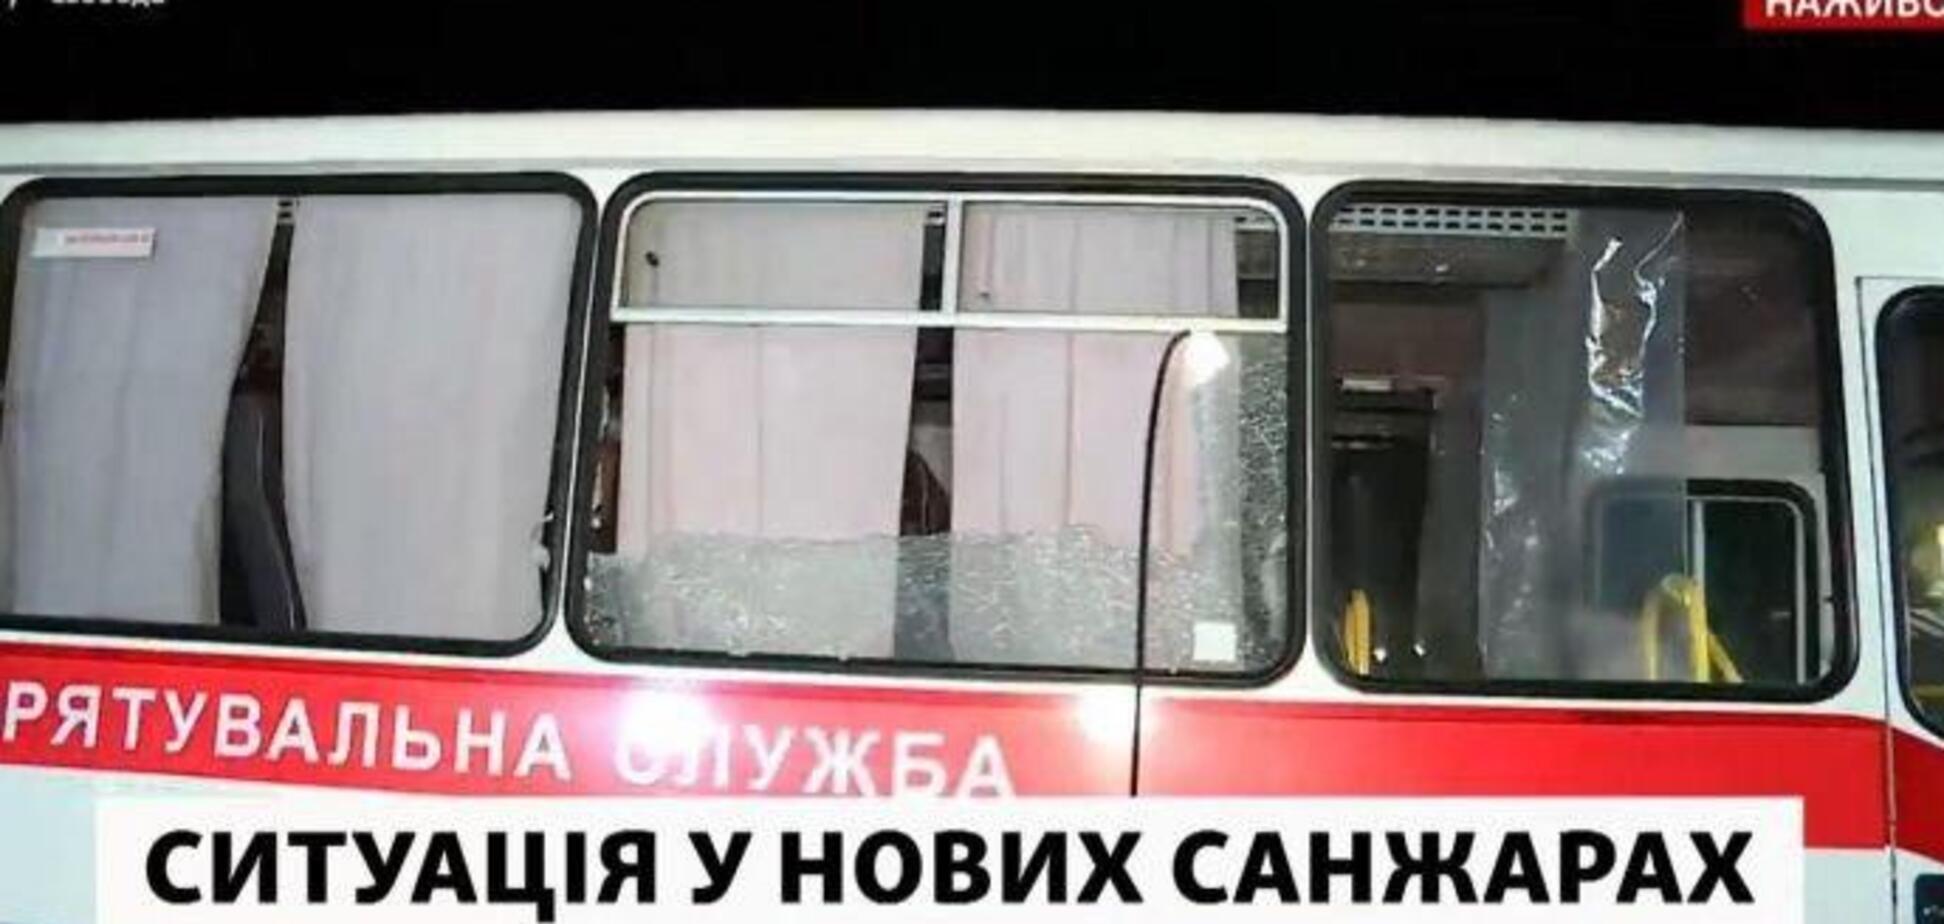 Автобусы разбиты камнями: украинцы из Уханя 'прорвались' в санаторий Новых Санжар. Фото и видео